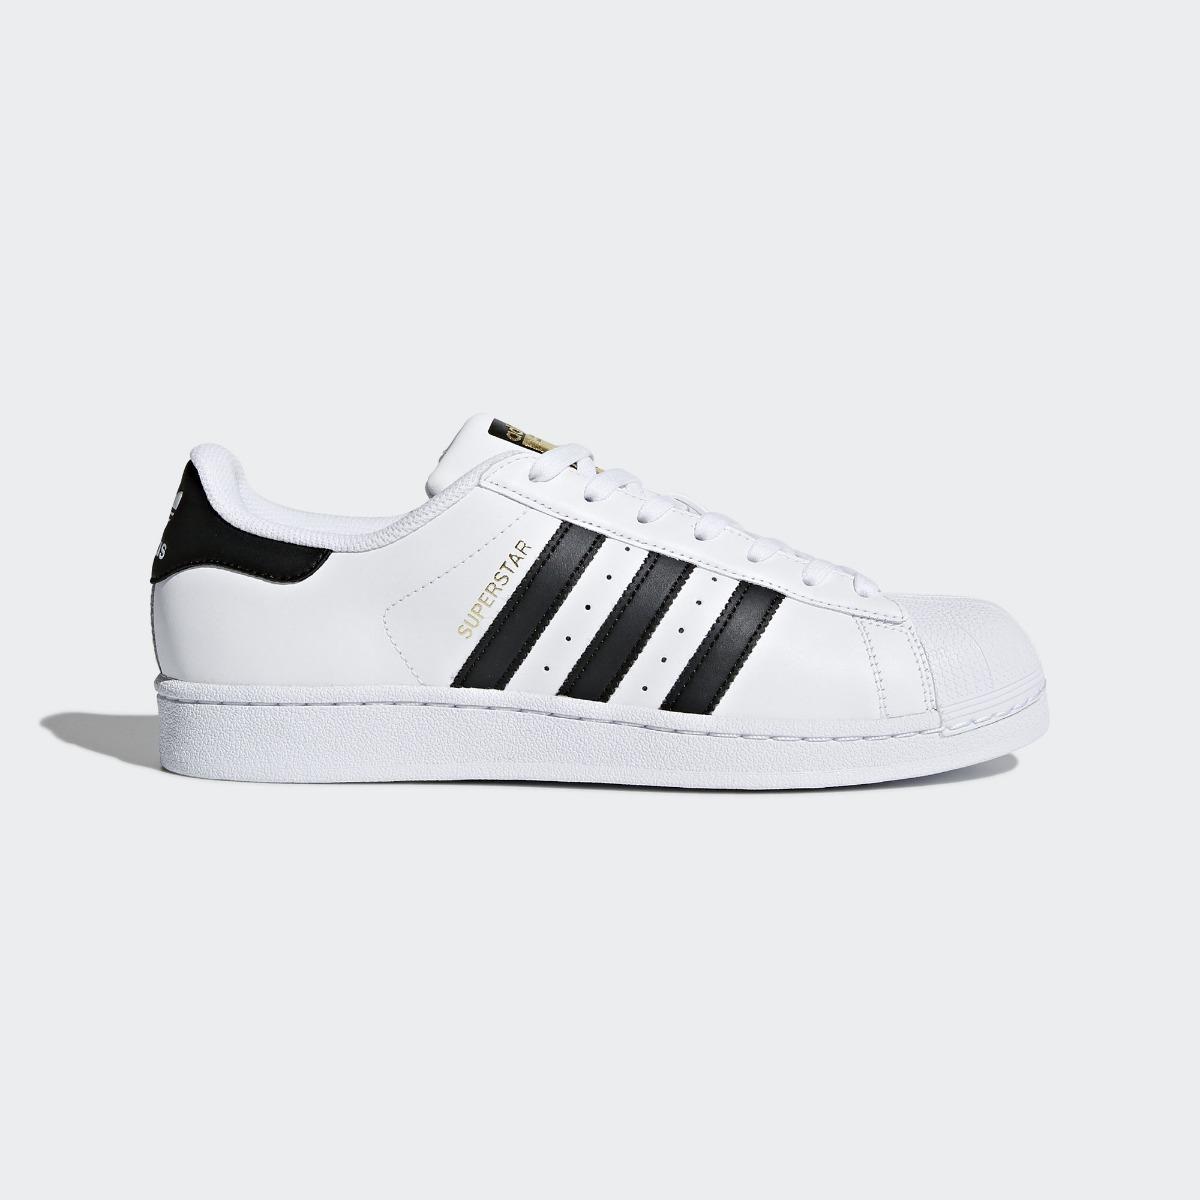 ... best price tênis adidas superstar branco e preto 100 original. carregando  zoom. ecbc3 11774 ... 8882f7072309f